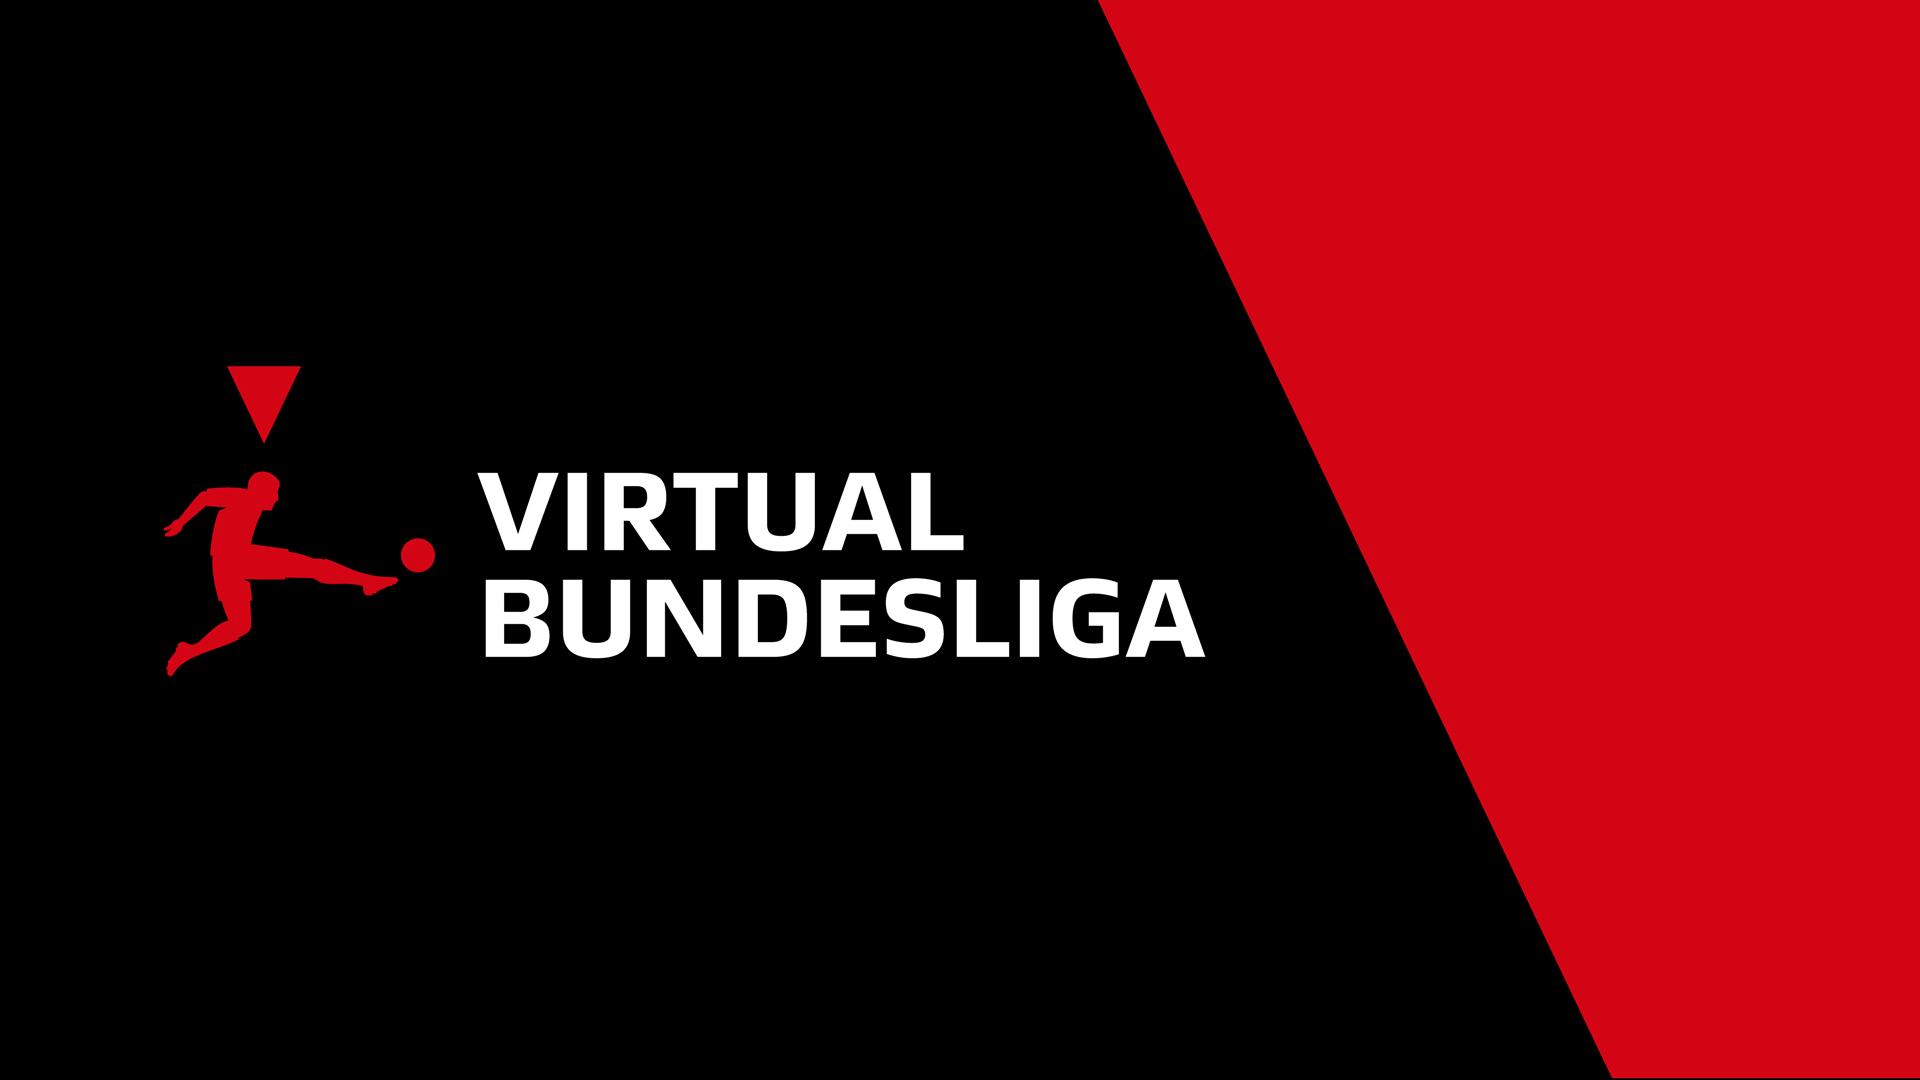 Virtual Bundesliga VBL FIFA 21